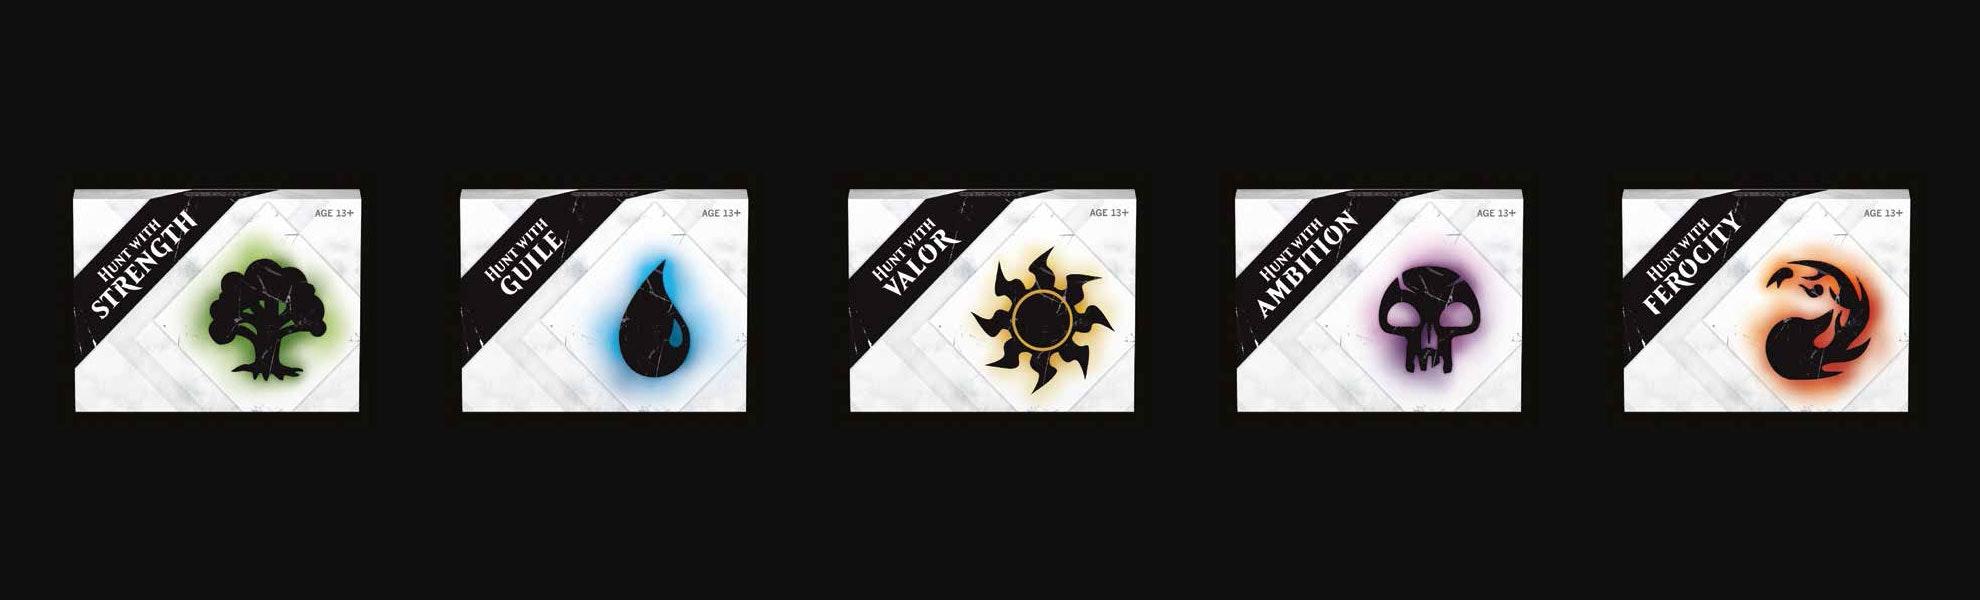 Magic 2015 Pre-Release Pack